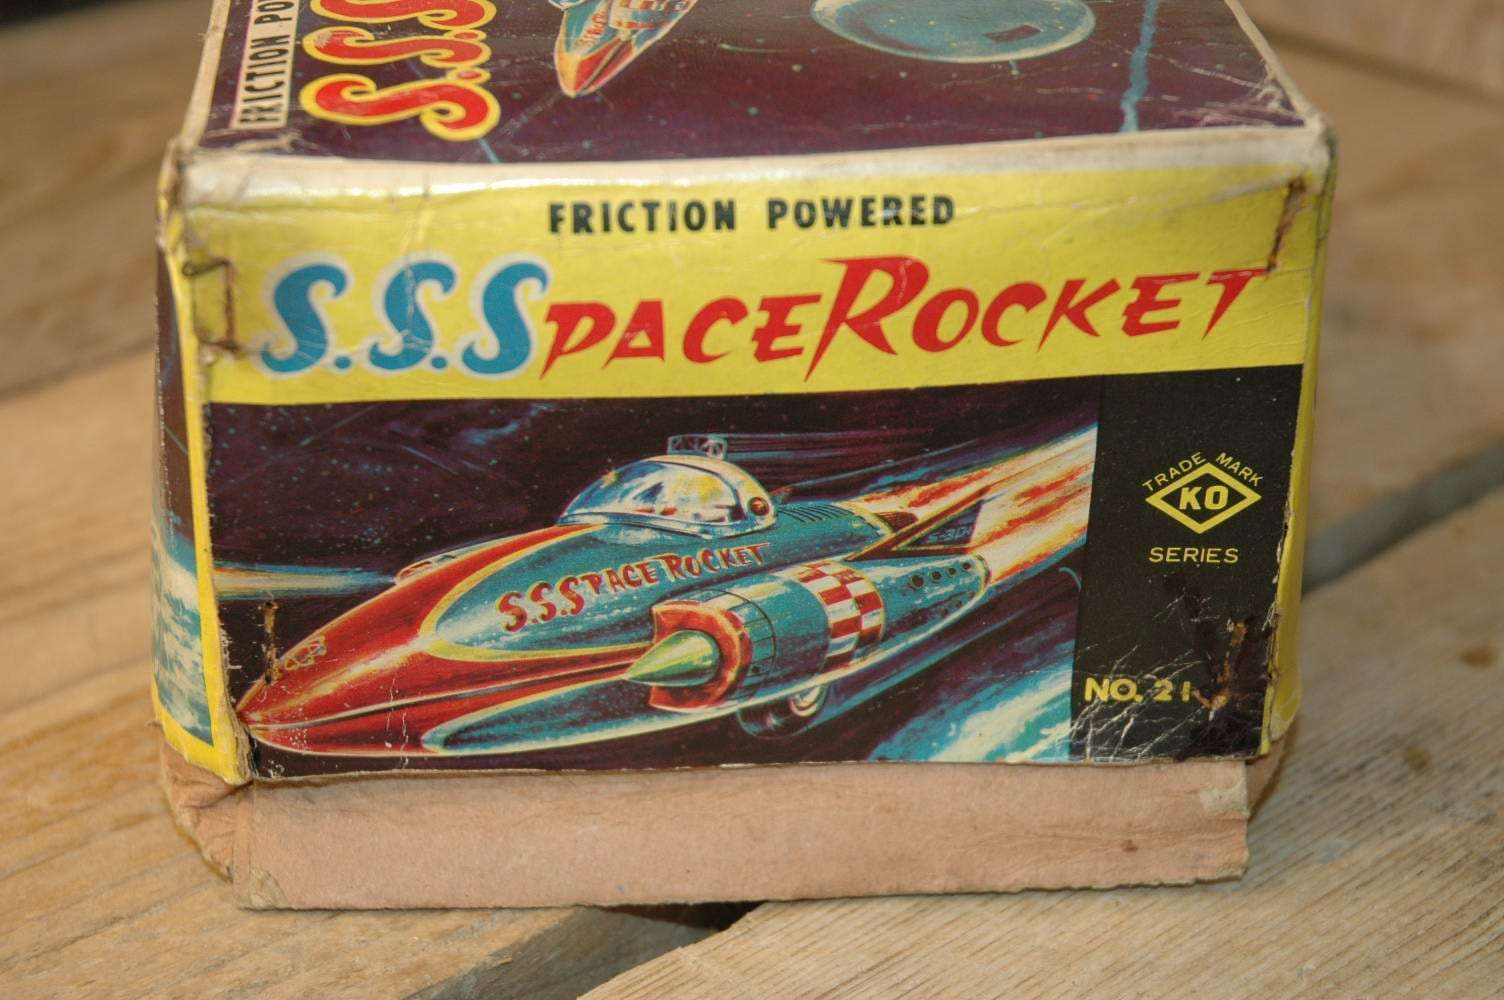 Yoshiya KO - S.S.Space Rocket